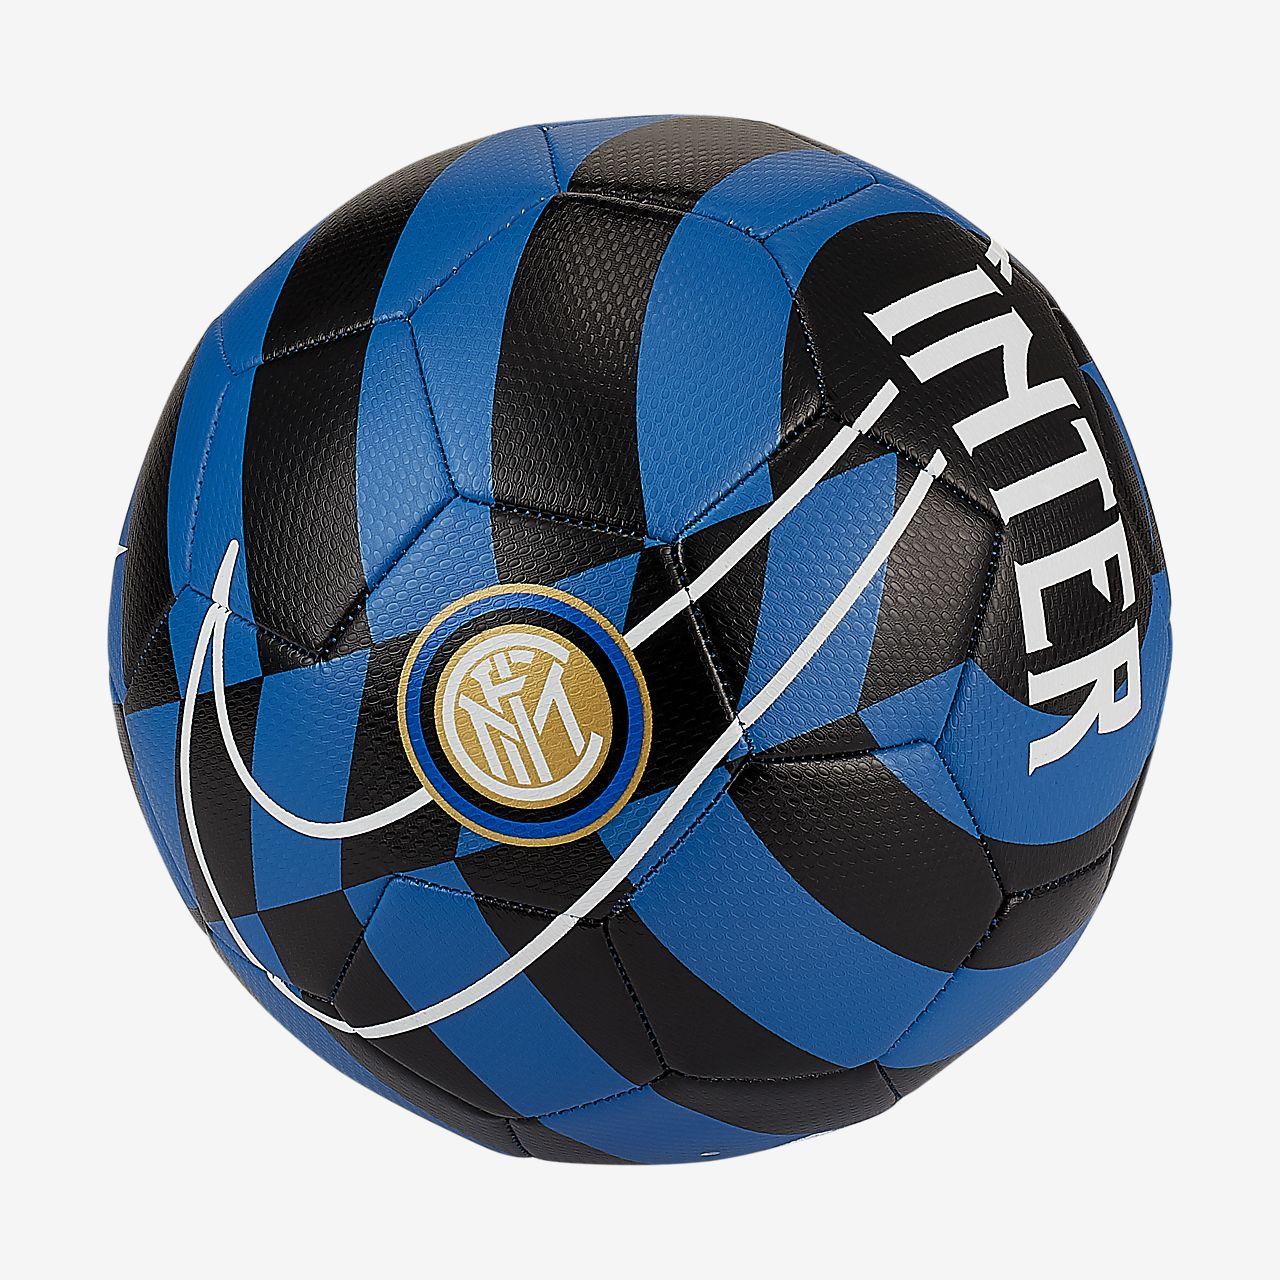 Piłka do piłki nożnej Inter Milan Prestige